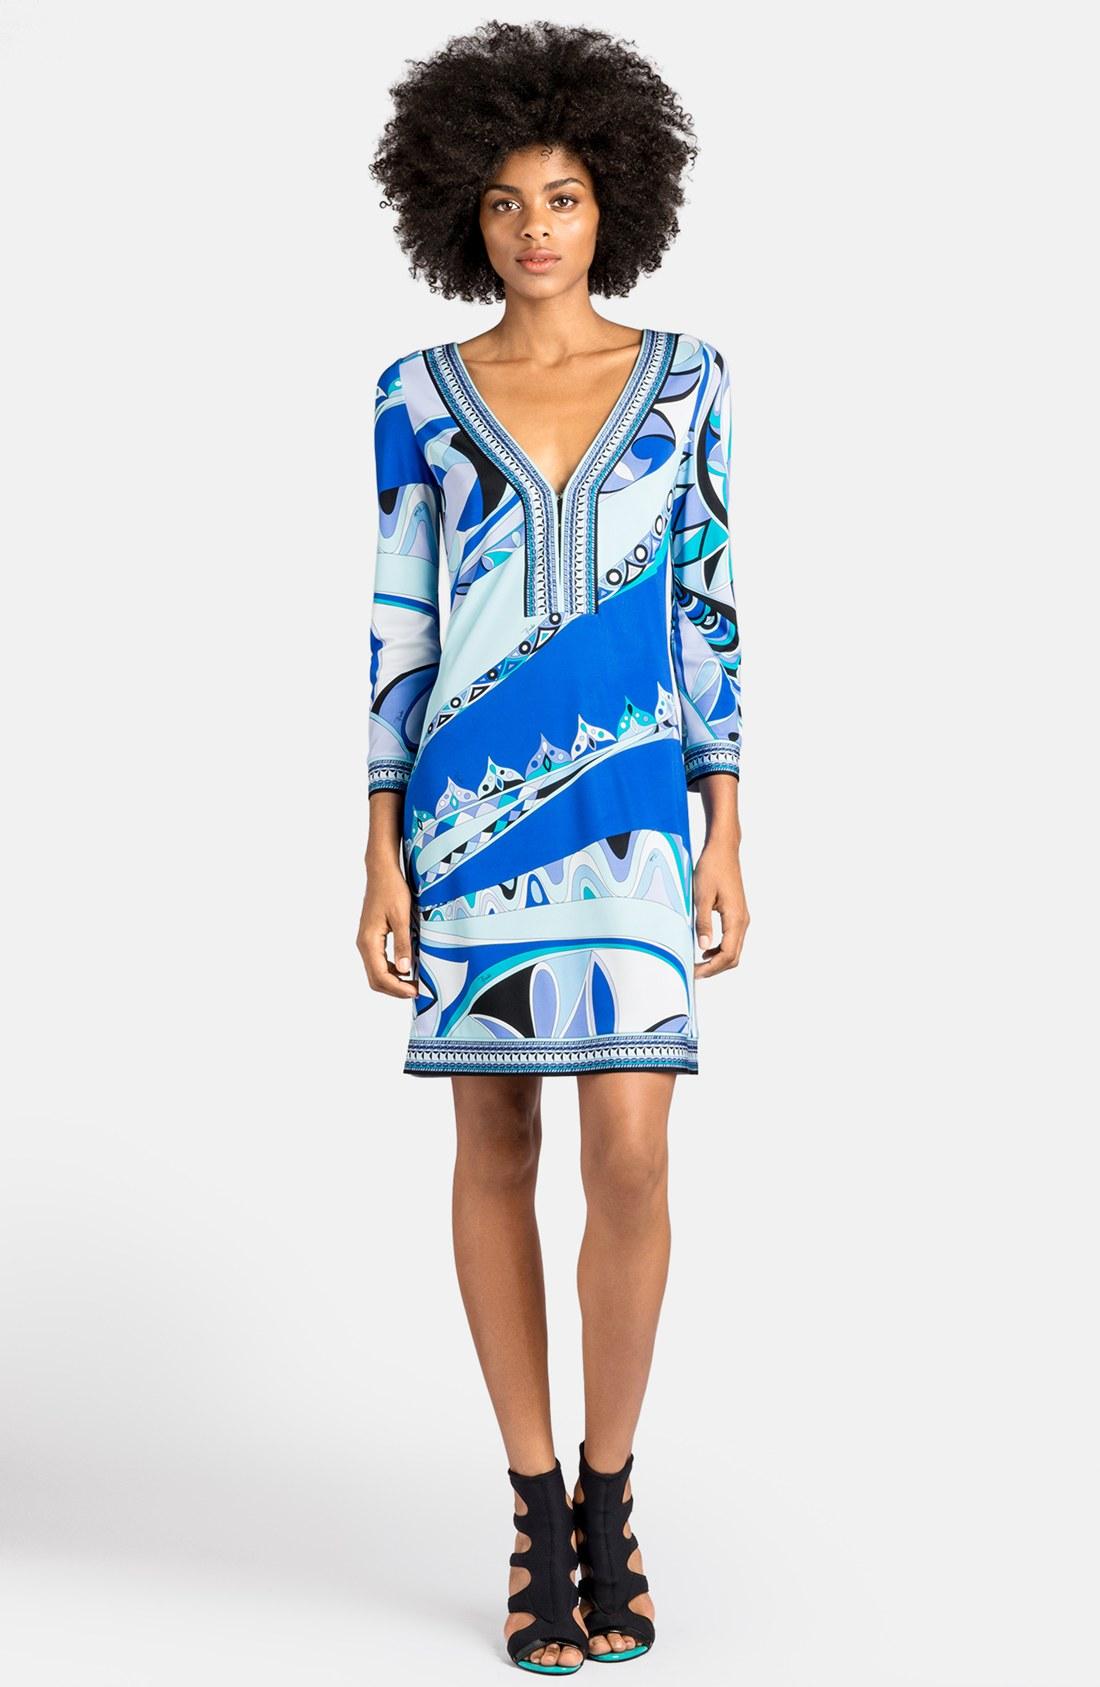 Blue Emilio Pucci V Neck Dress View Fullscreen Emilio Pucci